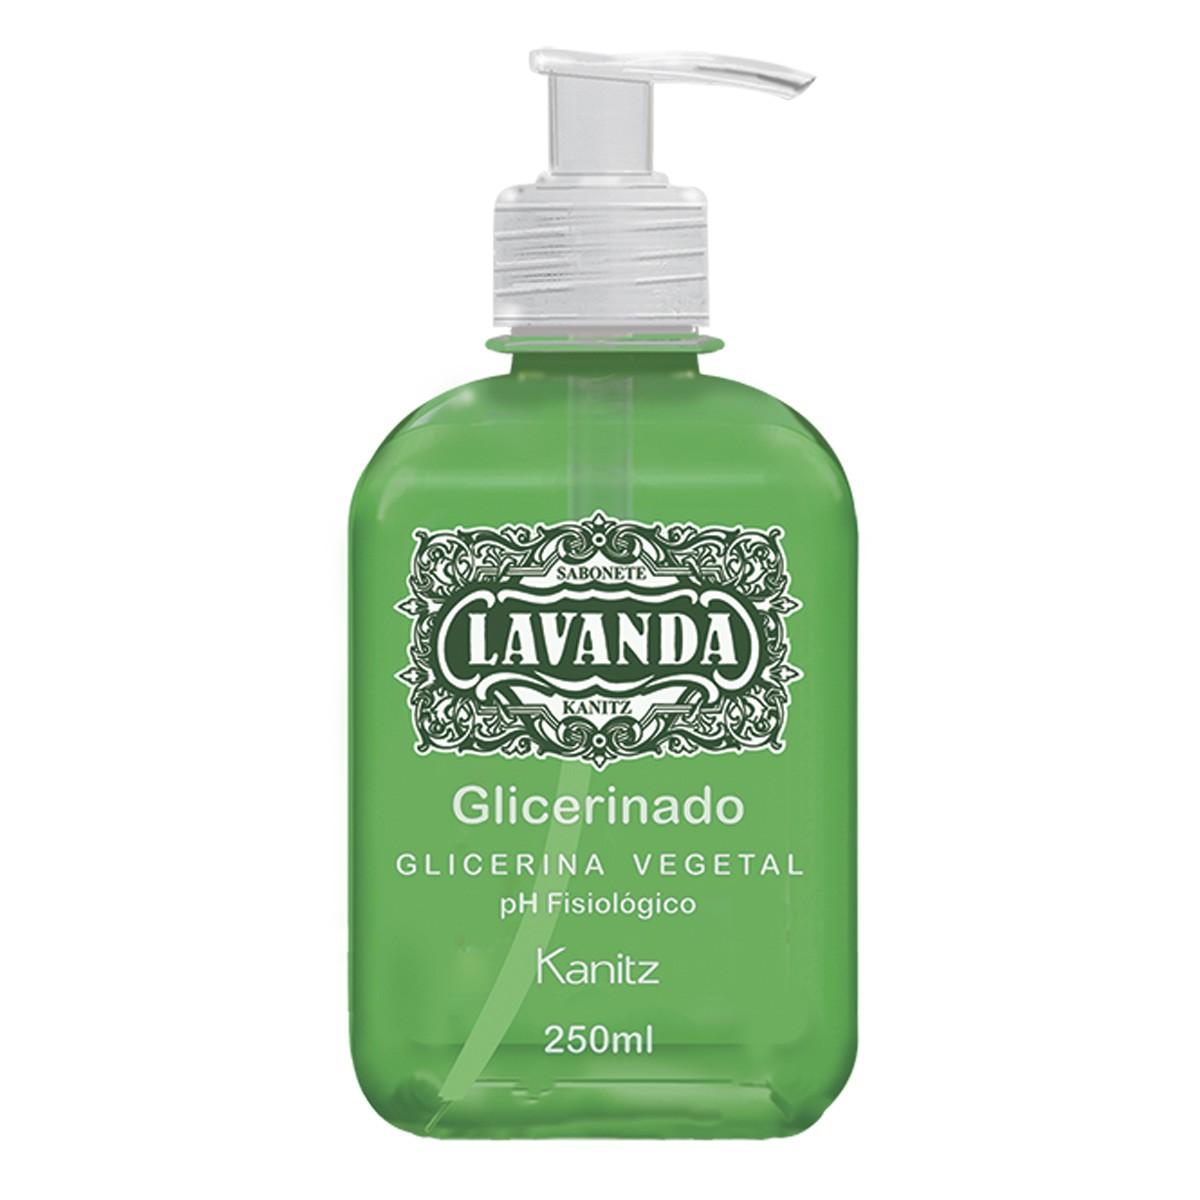 Sabonete Glicerinado Lavanda Kanitz  250 ml